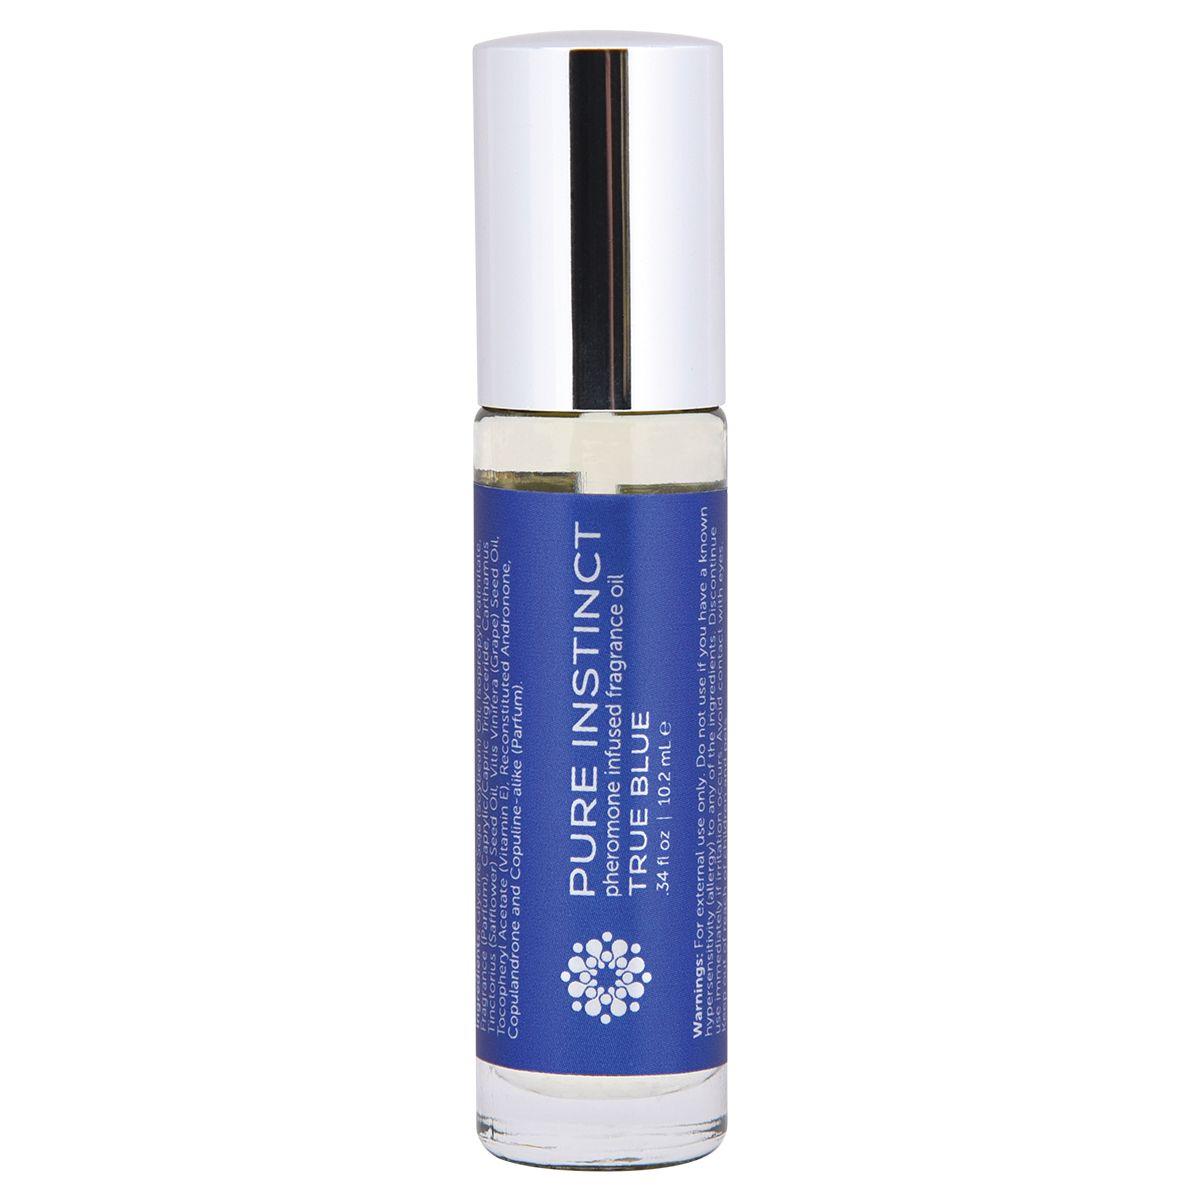 Обогащенное парфюмерное масло PURE INSTINCT для двоих - 10,2 мл.